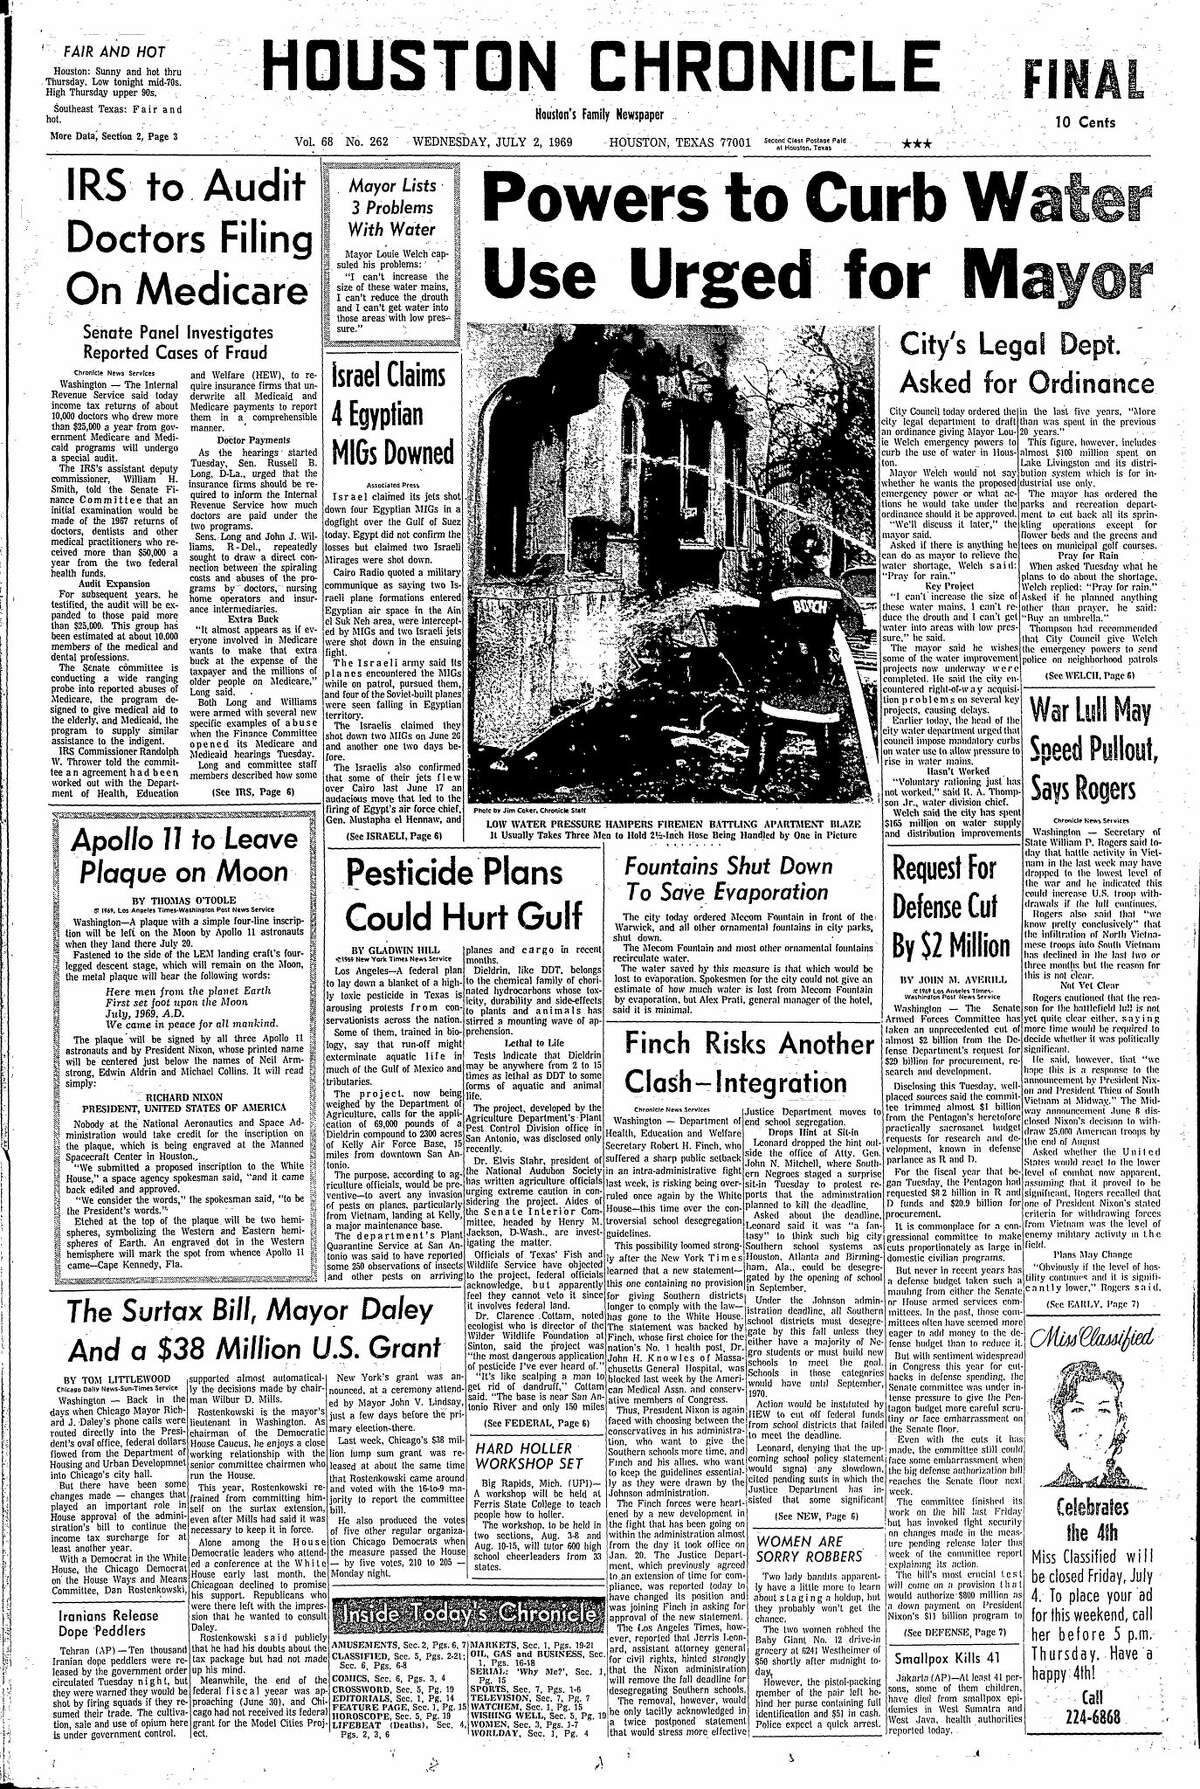 July 2, 1969